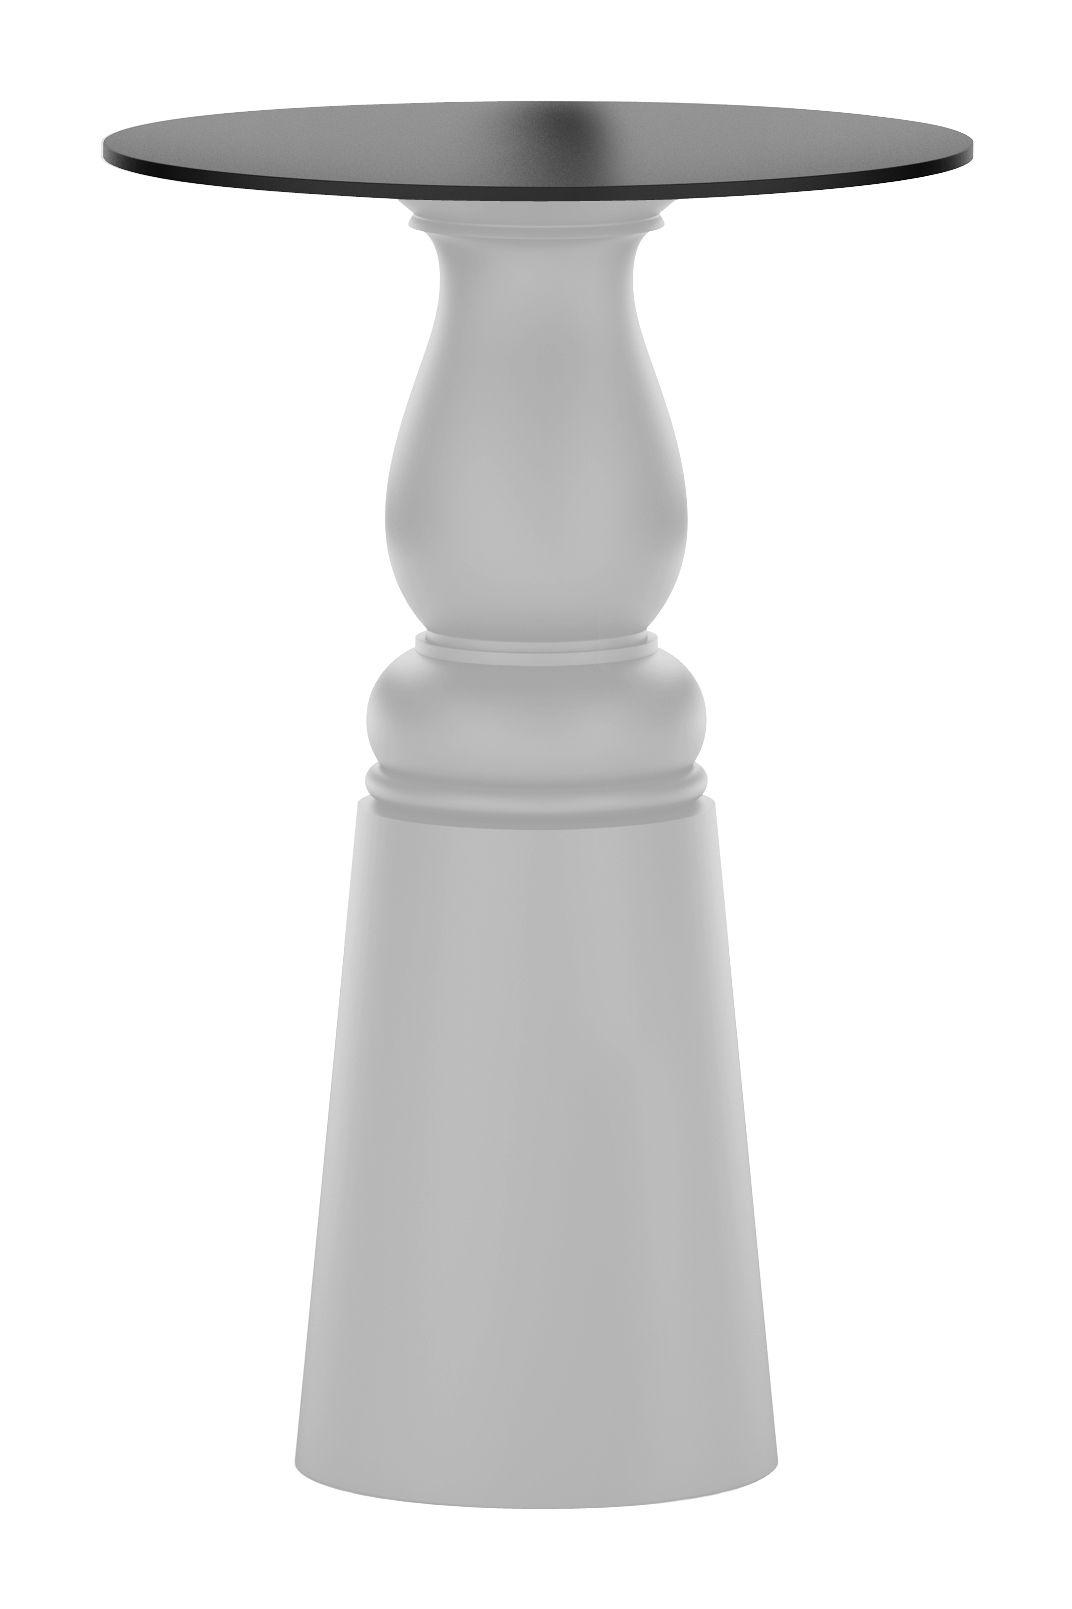 Outdoor - Stehtische und Bars - / Pied pour table Container New Antique Tischzubehör Ø 38 x H 106 cm - Für Tischplatte Ø 70 cm - Moooi - Fuß grau - Ø 38 cm x H 106 cm - Polyäthylen, rostfreier Stahl